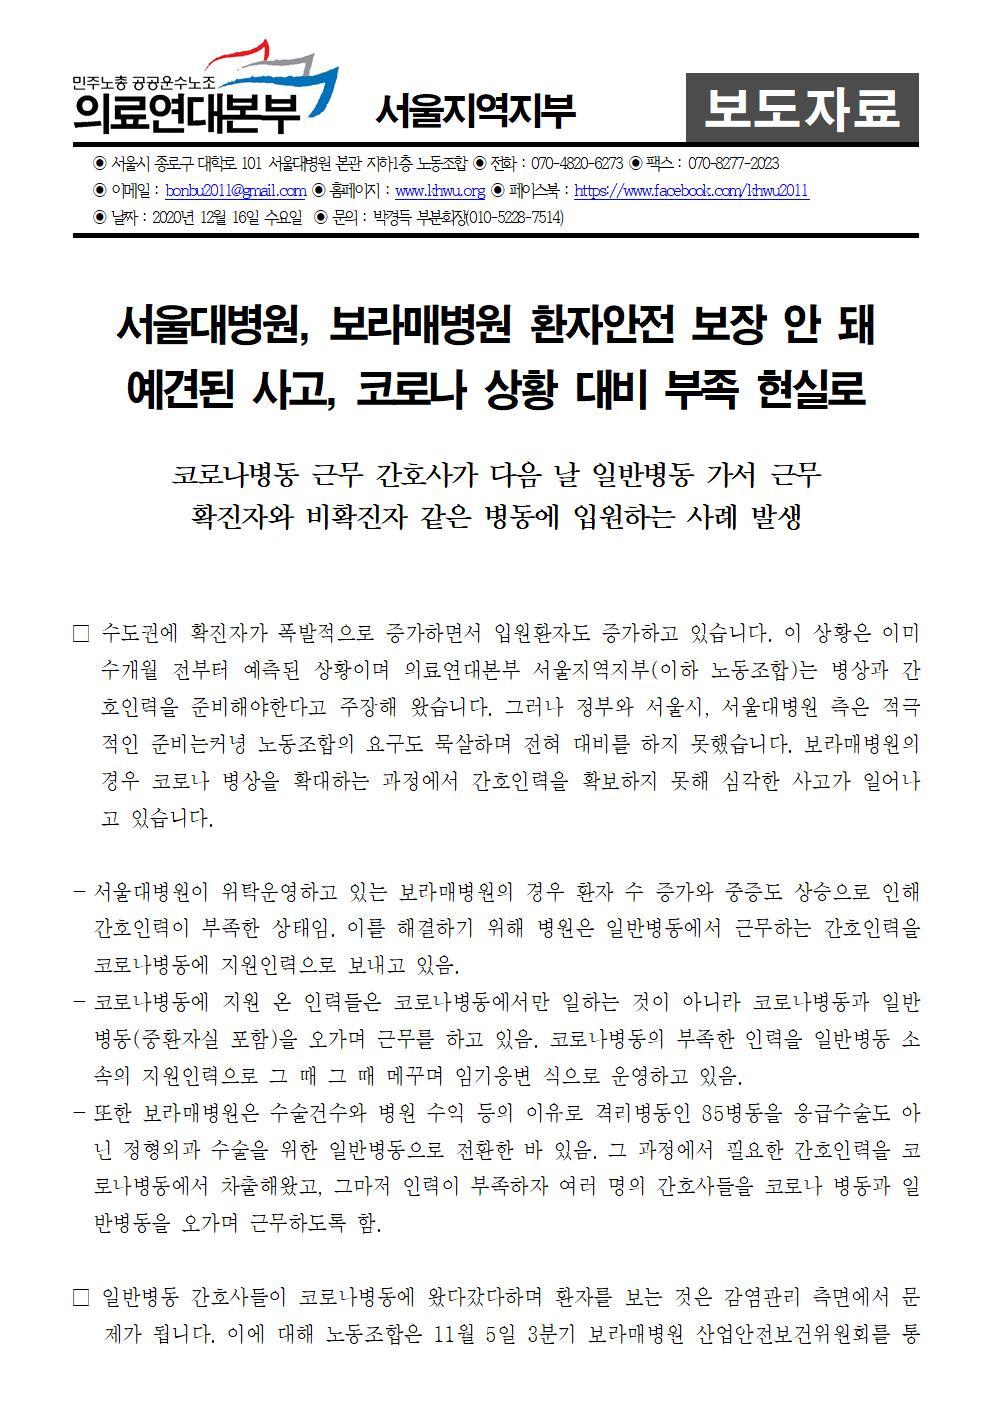 201216_보도자료_위험천만한_서울대병원,_보라매병원_예견된_사고_발생001.jpg